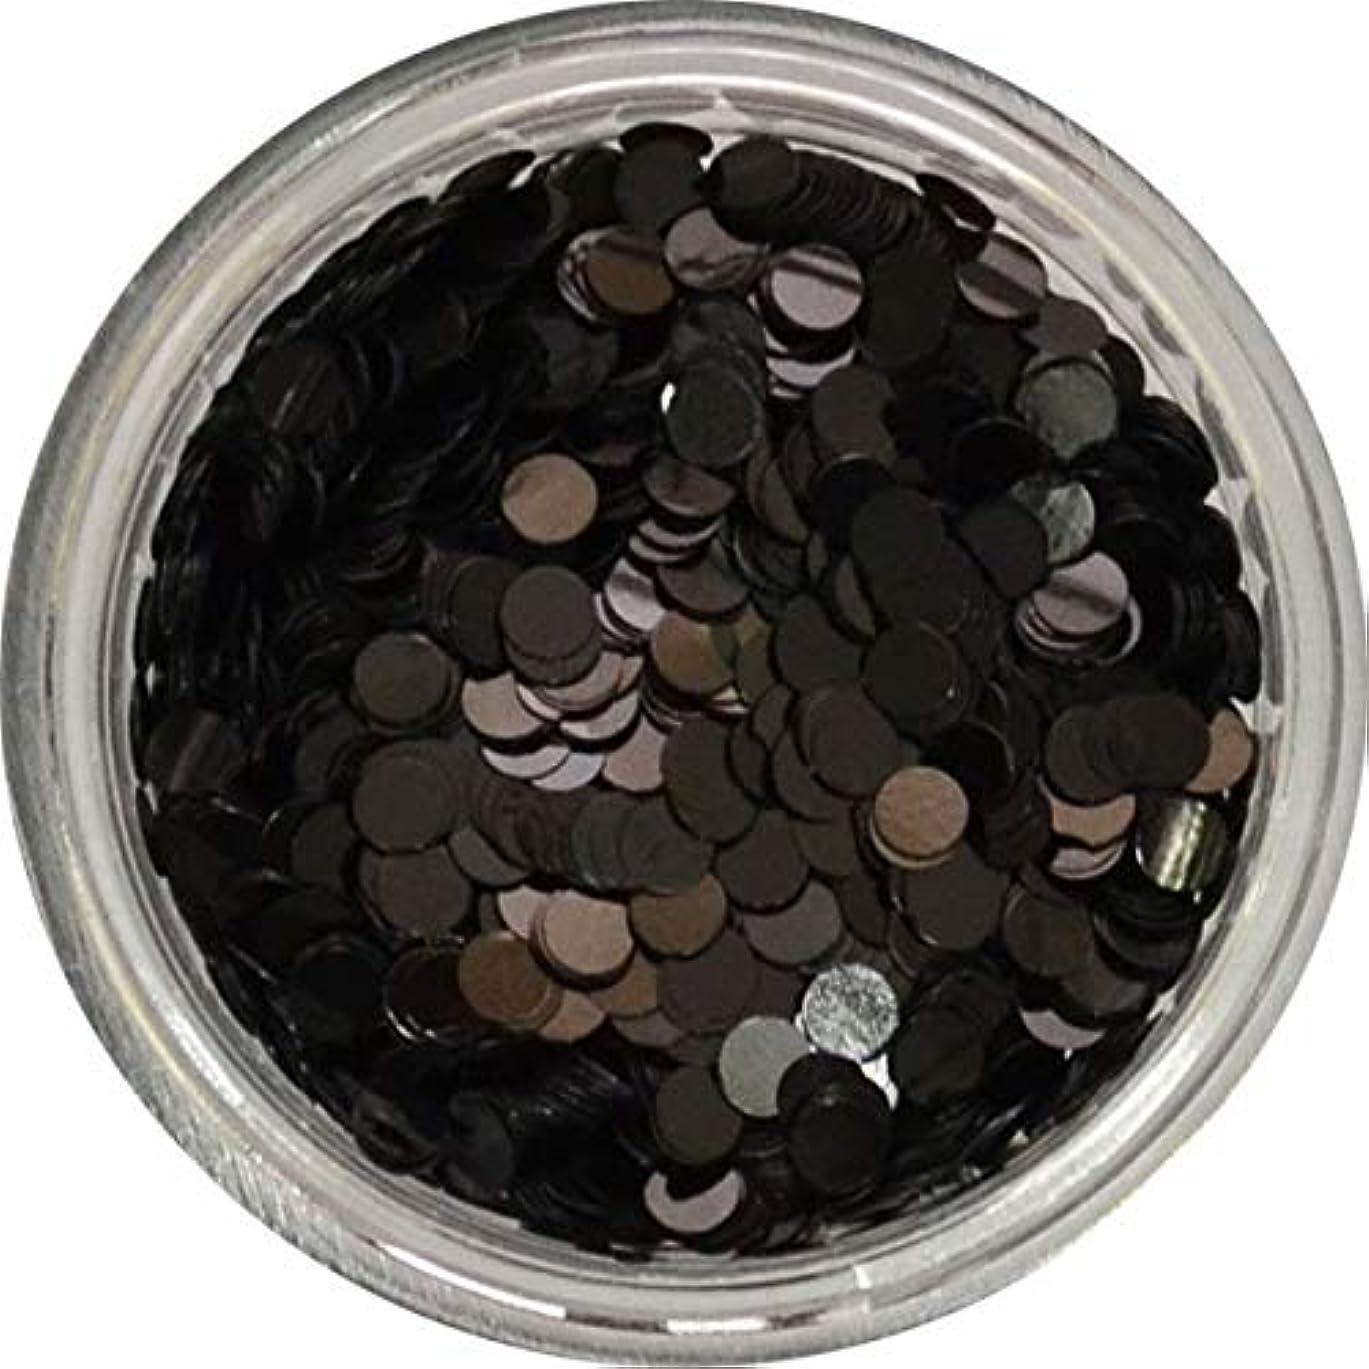 包括的意気揚々ラダ丸ホロ 水玉模様 ドット柄 など色々使える便利な 丸いホログラム 円形 丸型 ラウンド ホログラム (ブラック2mm)